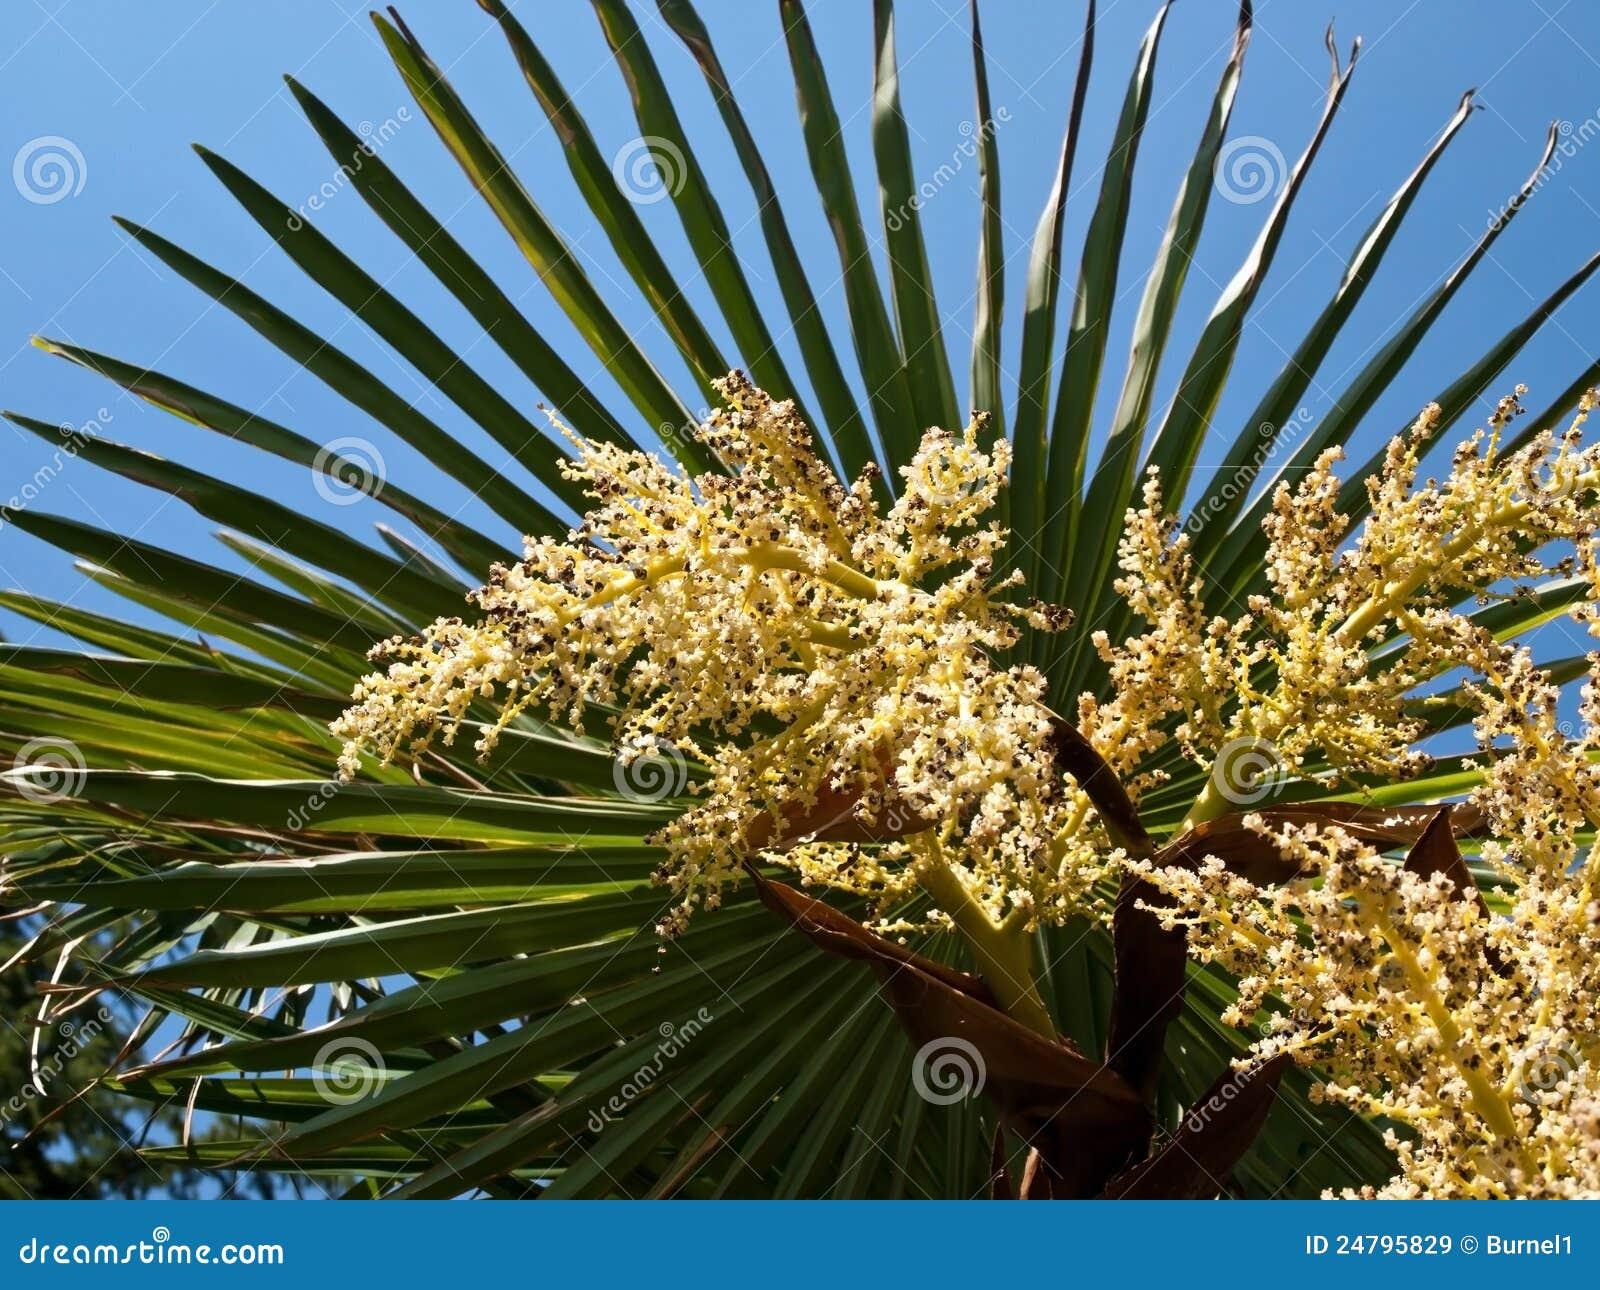 fleurs de palmier image stock image du paume fleur 24795829. Black Bedroom Furniture Sets. Home Design Ideas